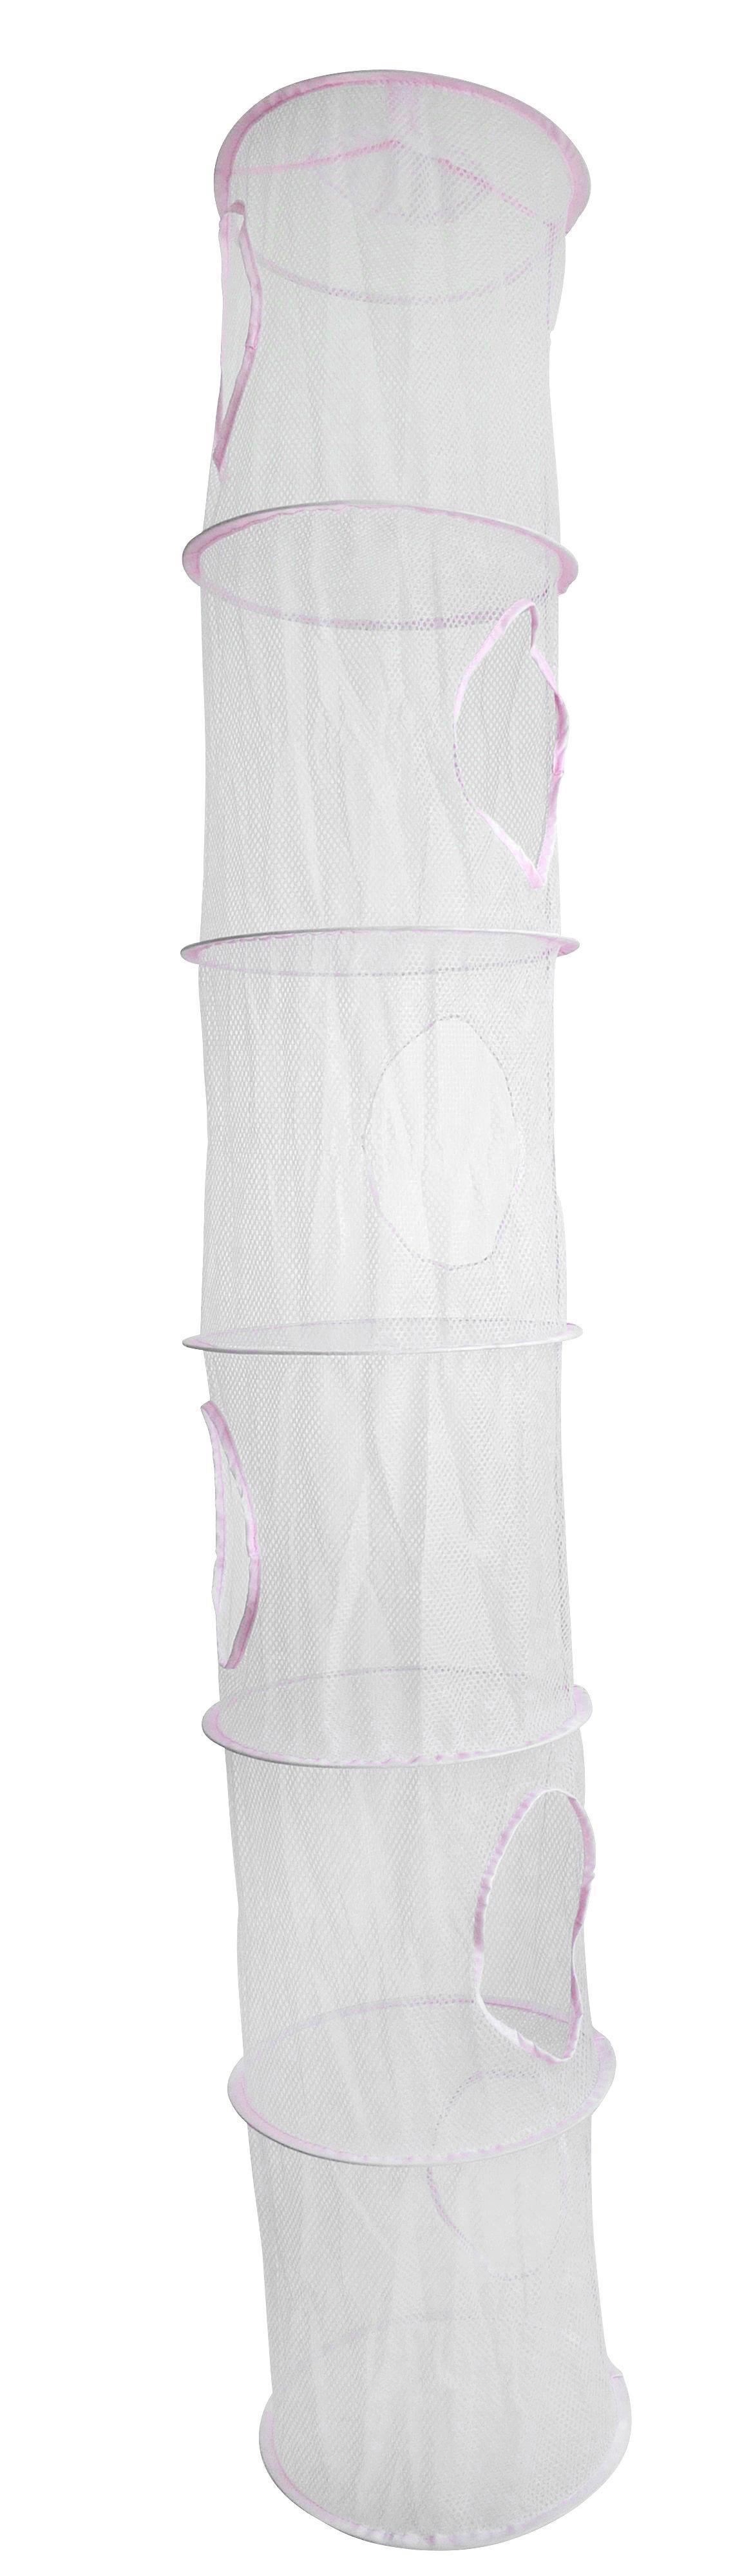 Aufbewahrungsbox in Weiß/Rosa - Rosa, Kunststoff (30/180/30cm) - MÖMAX modern living